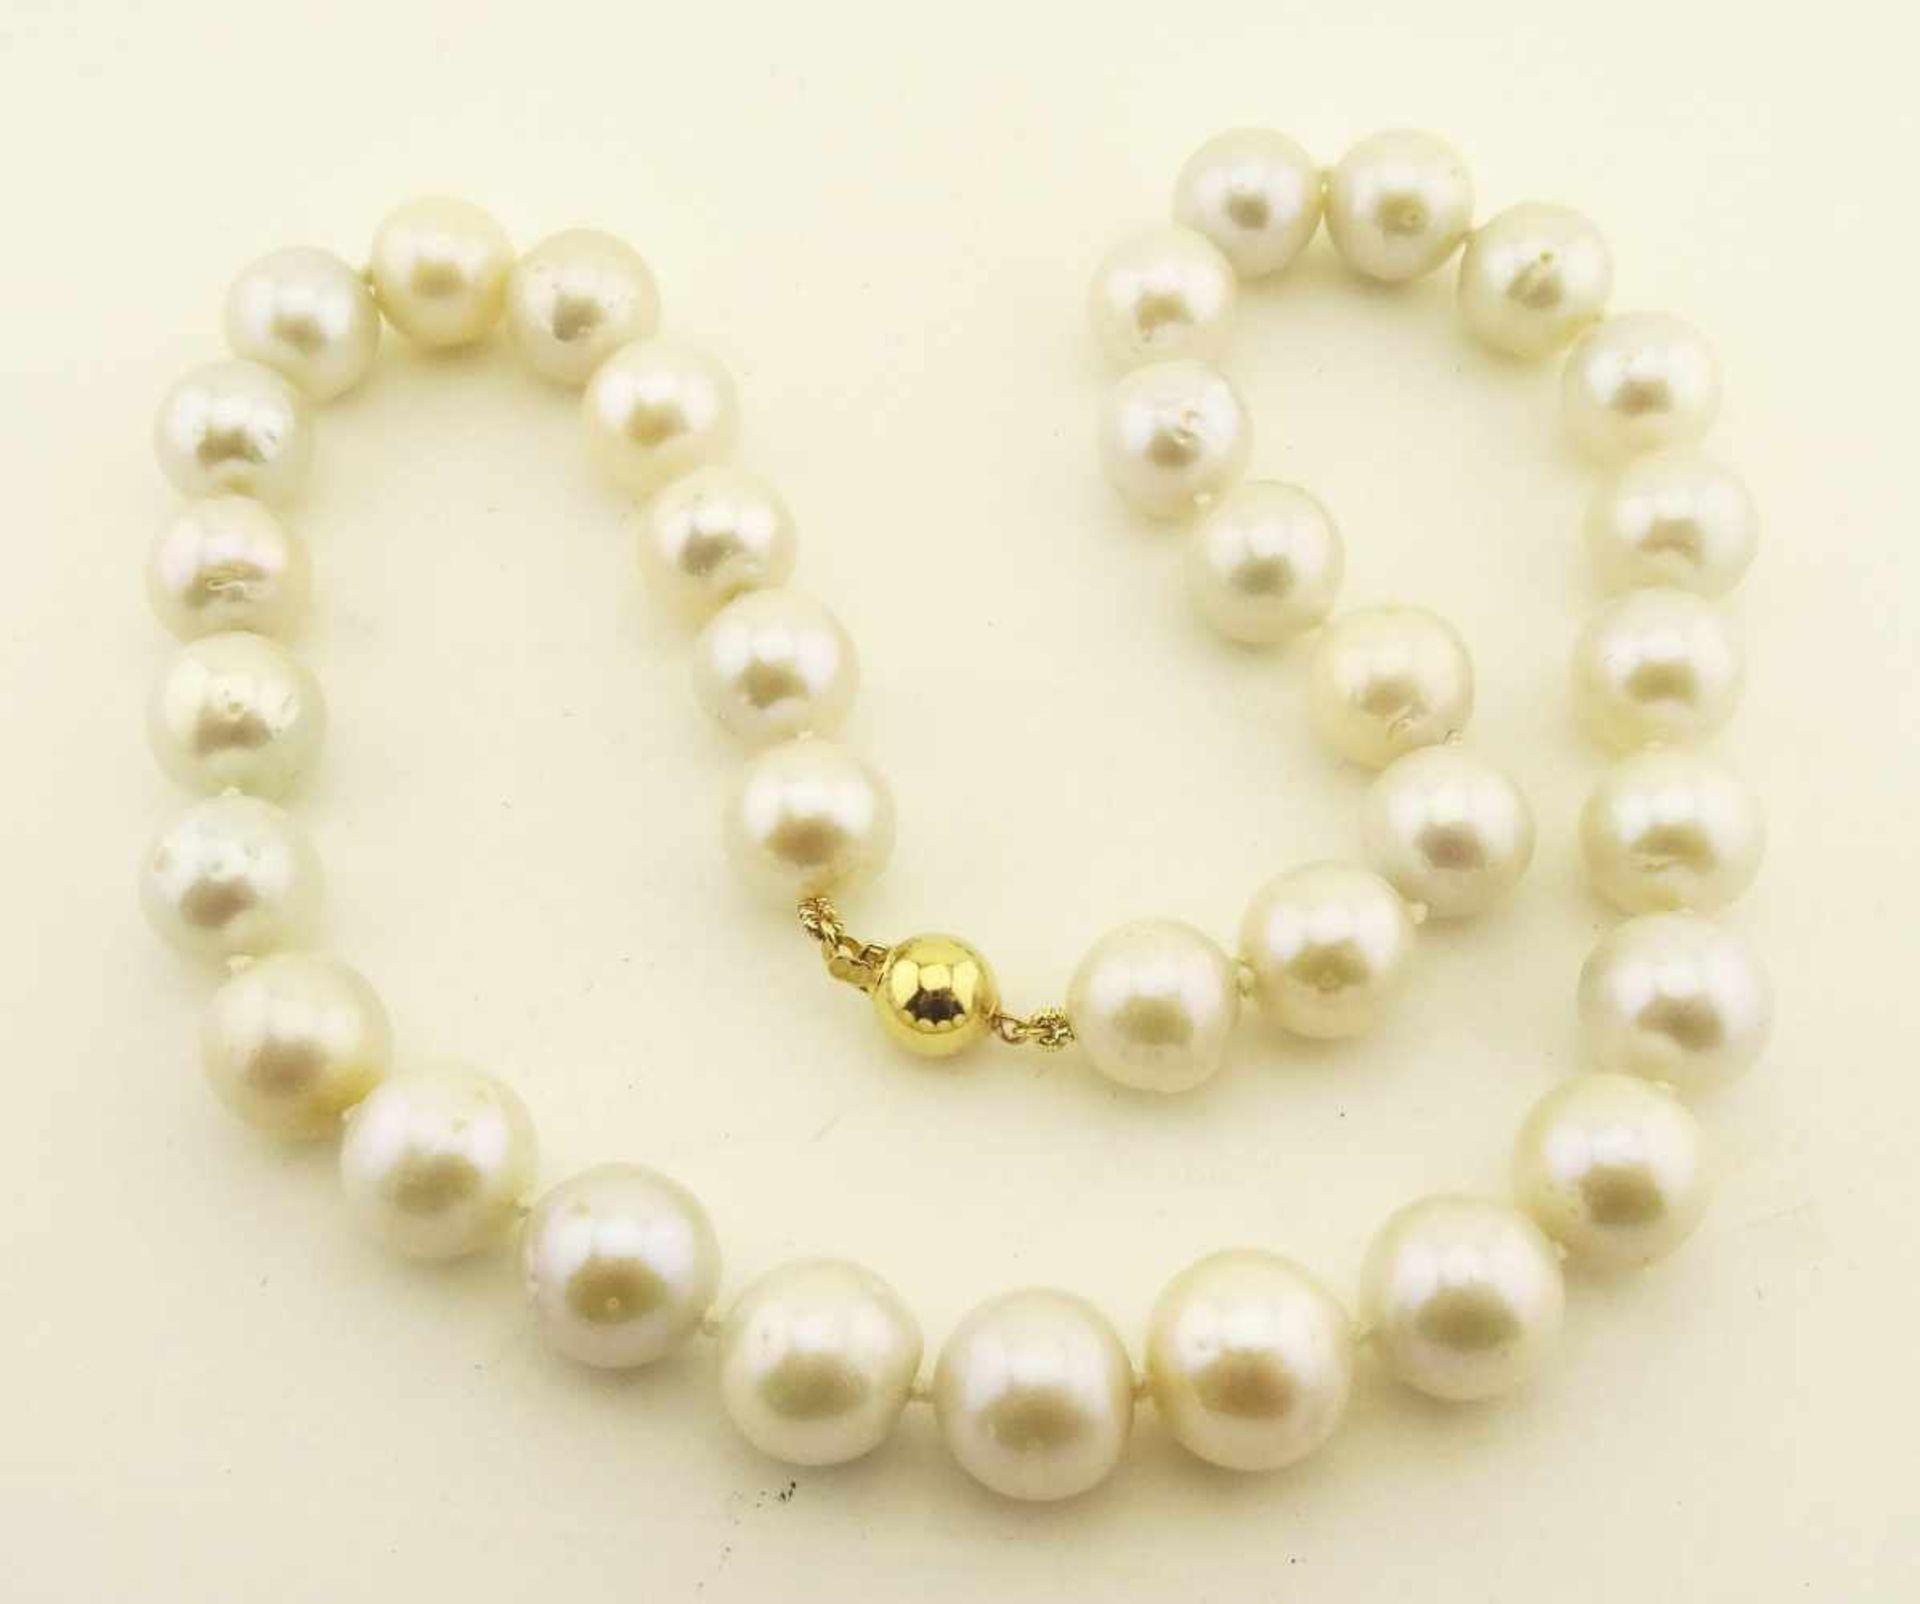 Los 55 - Tahiti- Südseezuchtperle weiß Collier mit 34 Perlen im Verlauf 11,6 auf 12,6mm, mit gelbgoldener